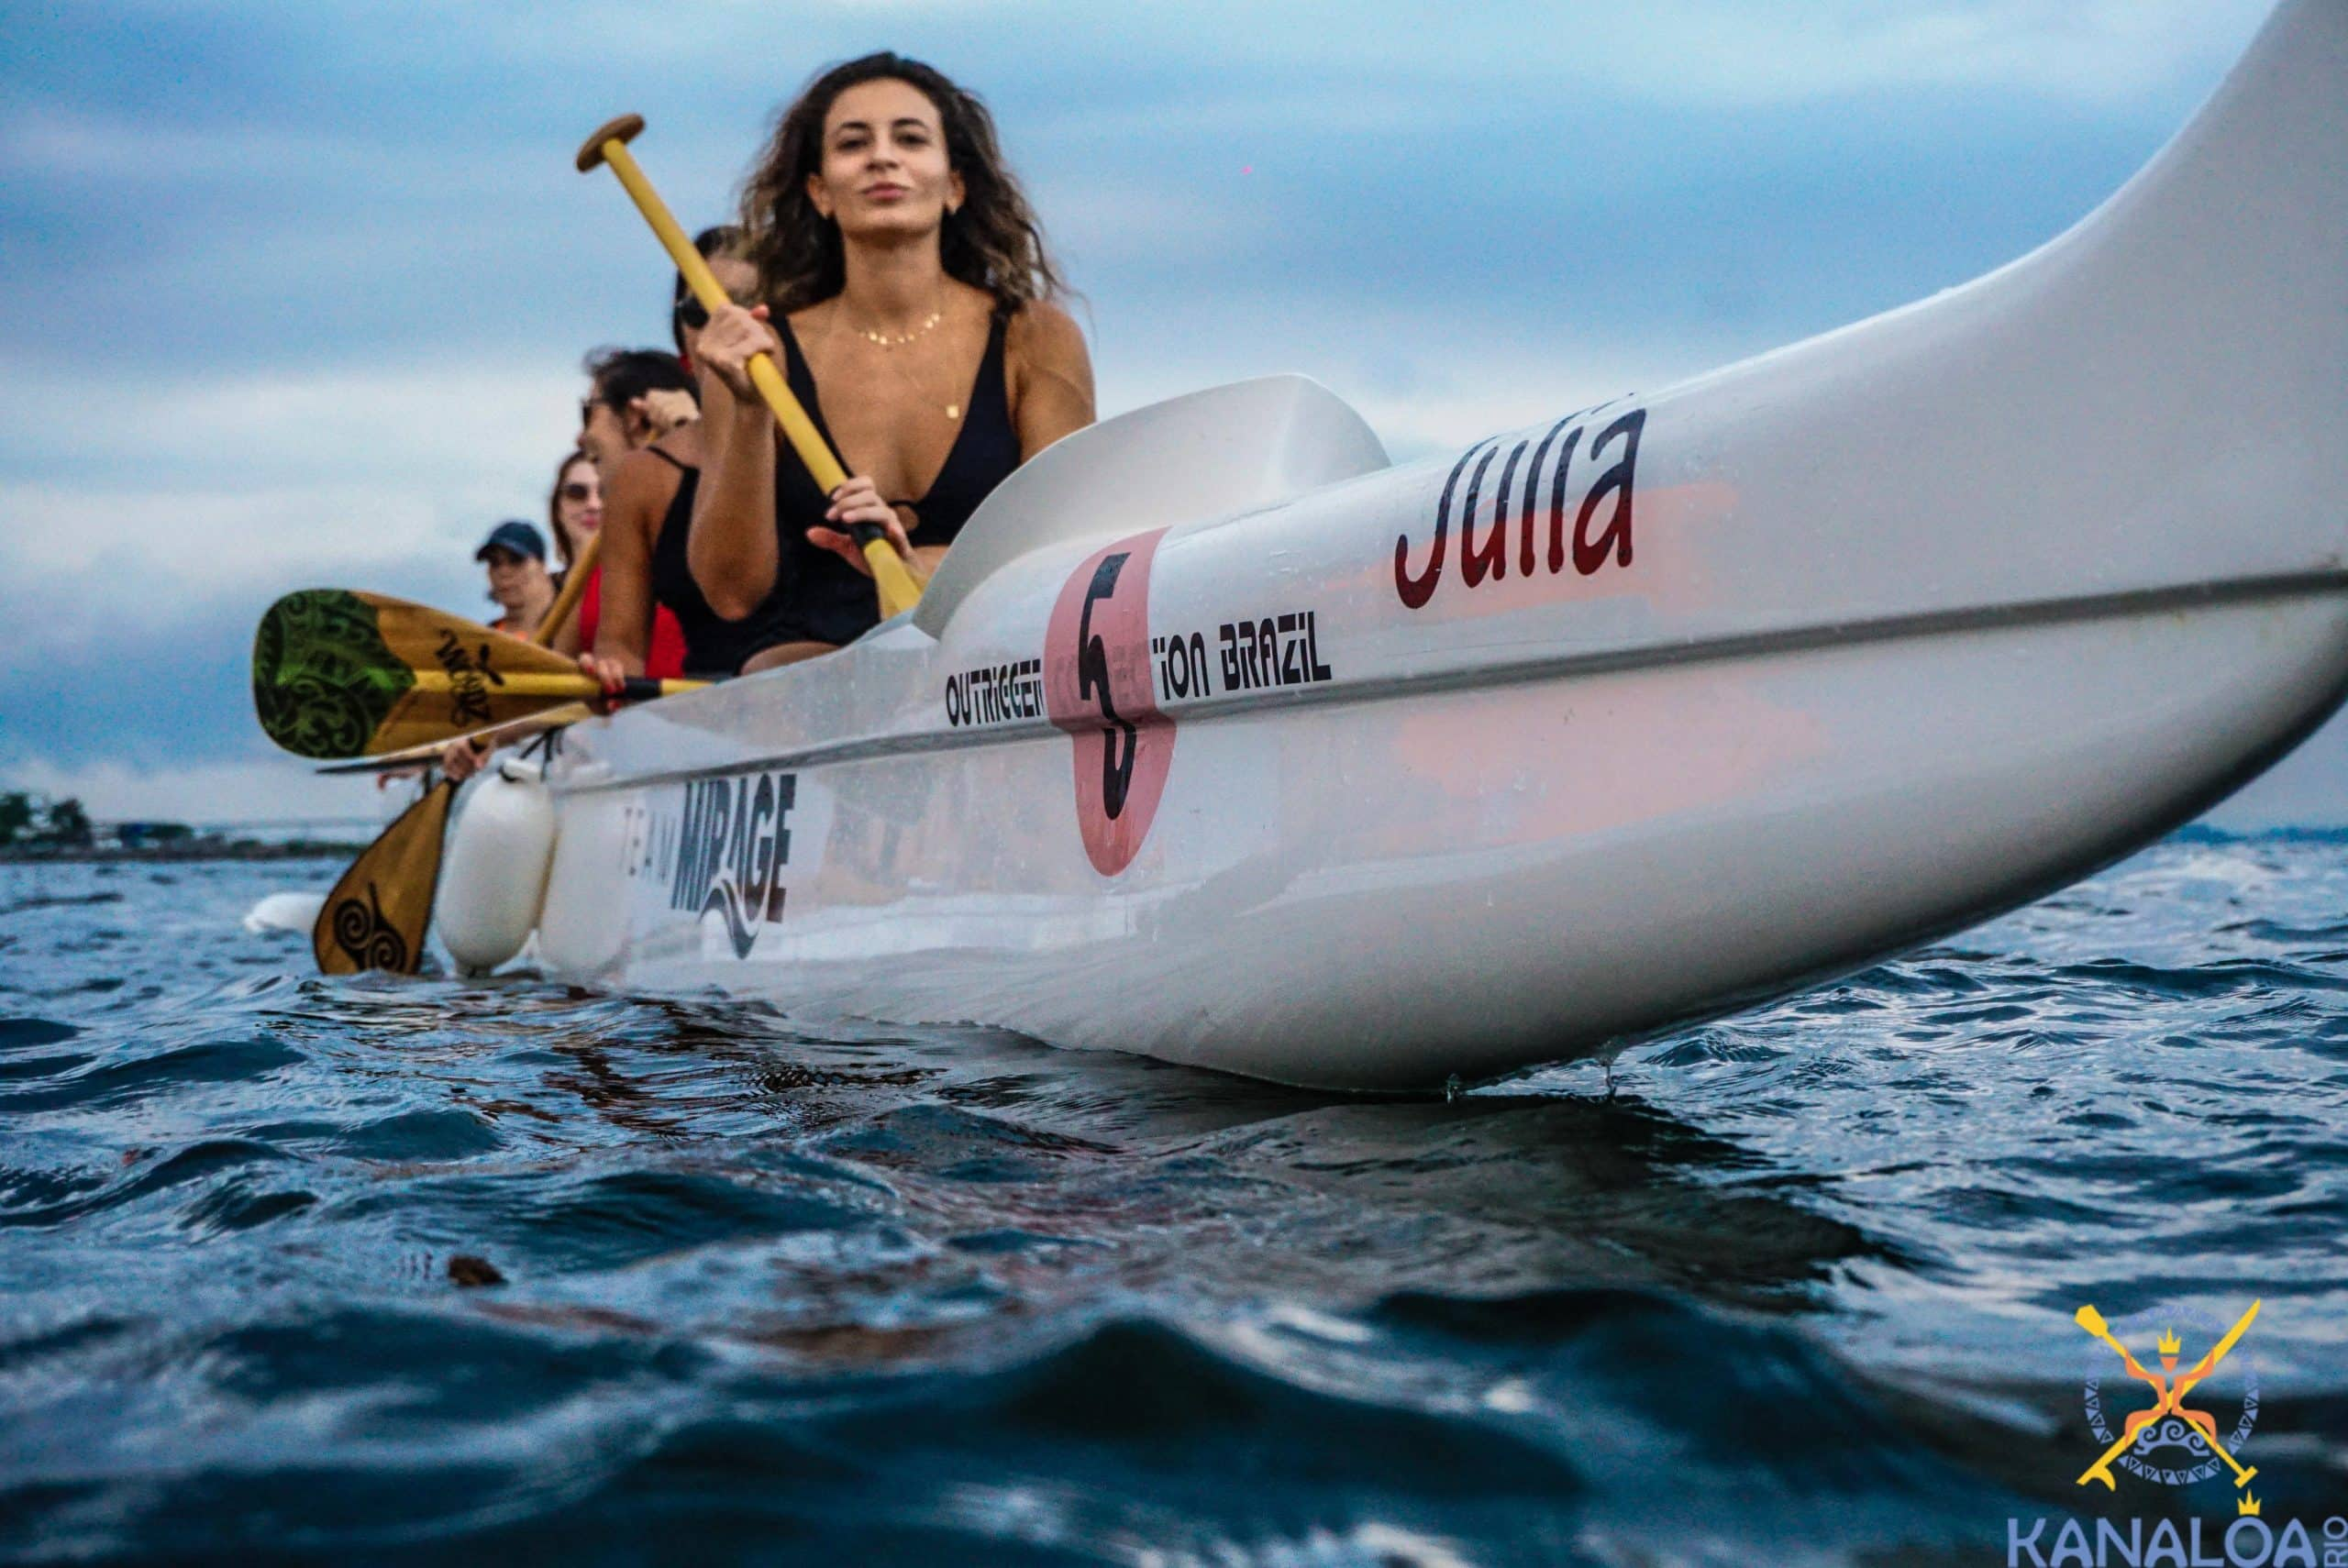 canoa havaiana flamengo